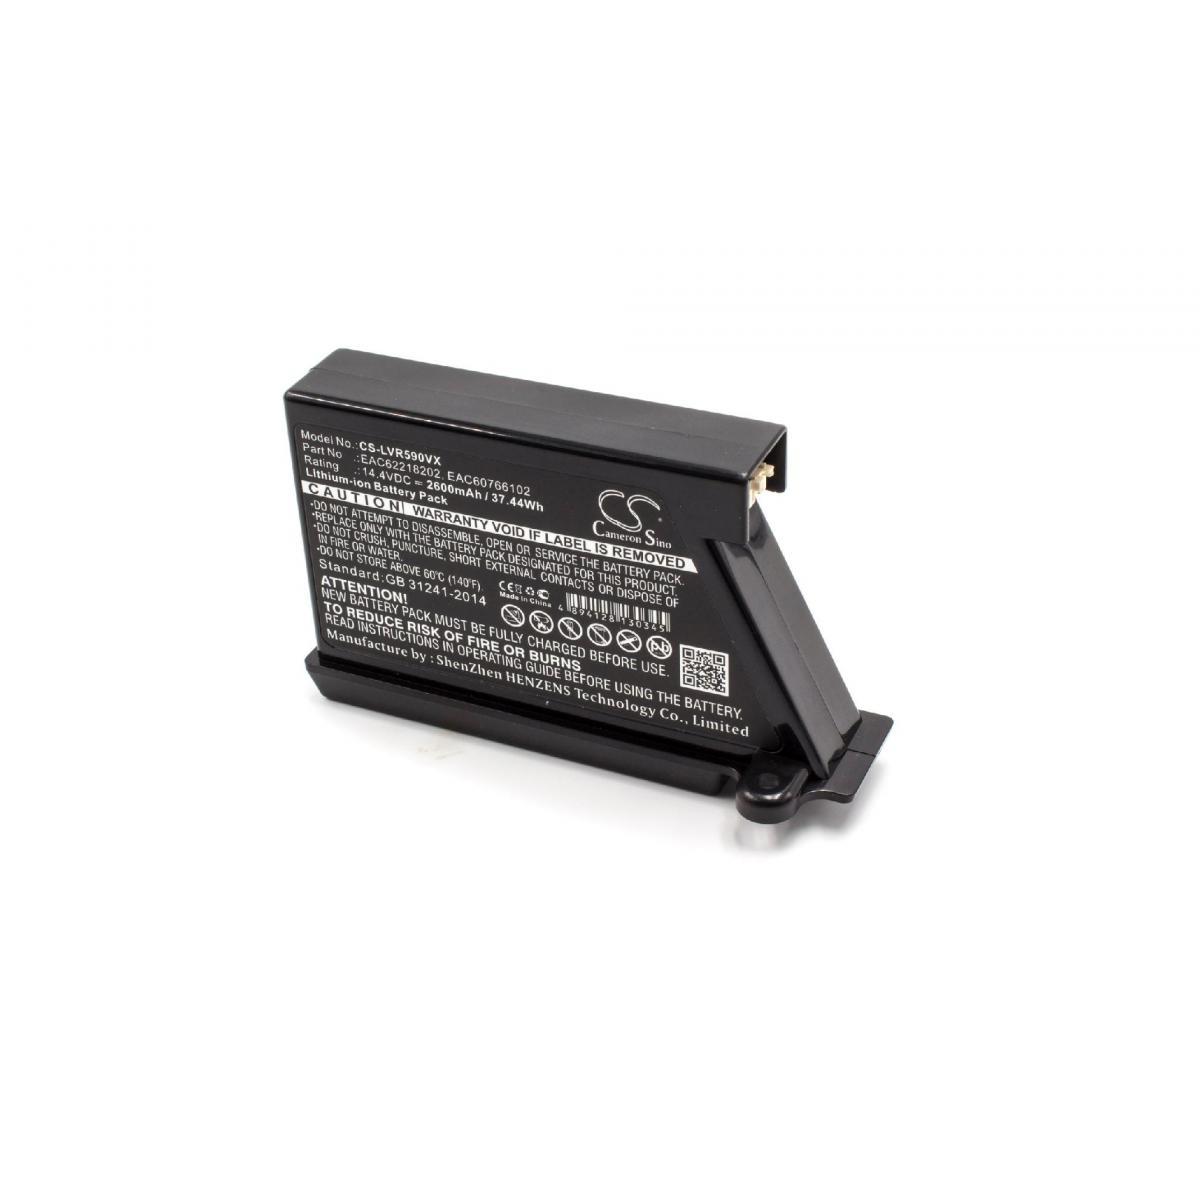 Vhbw vhbw Batterie compatible avec LG HOM-BOT VR5907KL, VR5907LM, VR5908KL, VR5908LM robot électroménager (2600mAh, 14,4V, Li